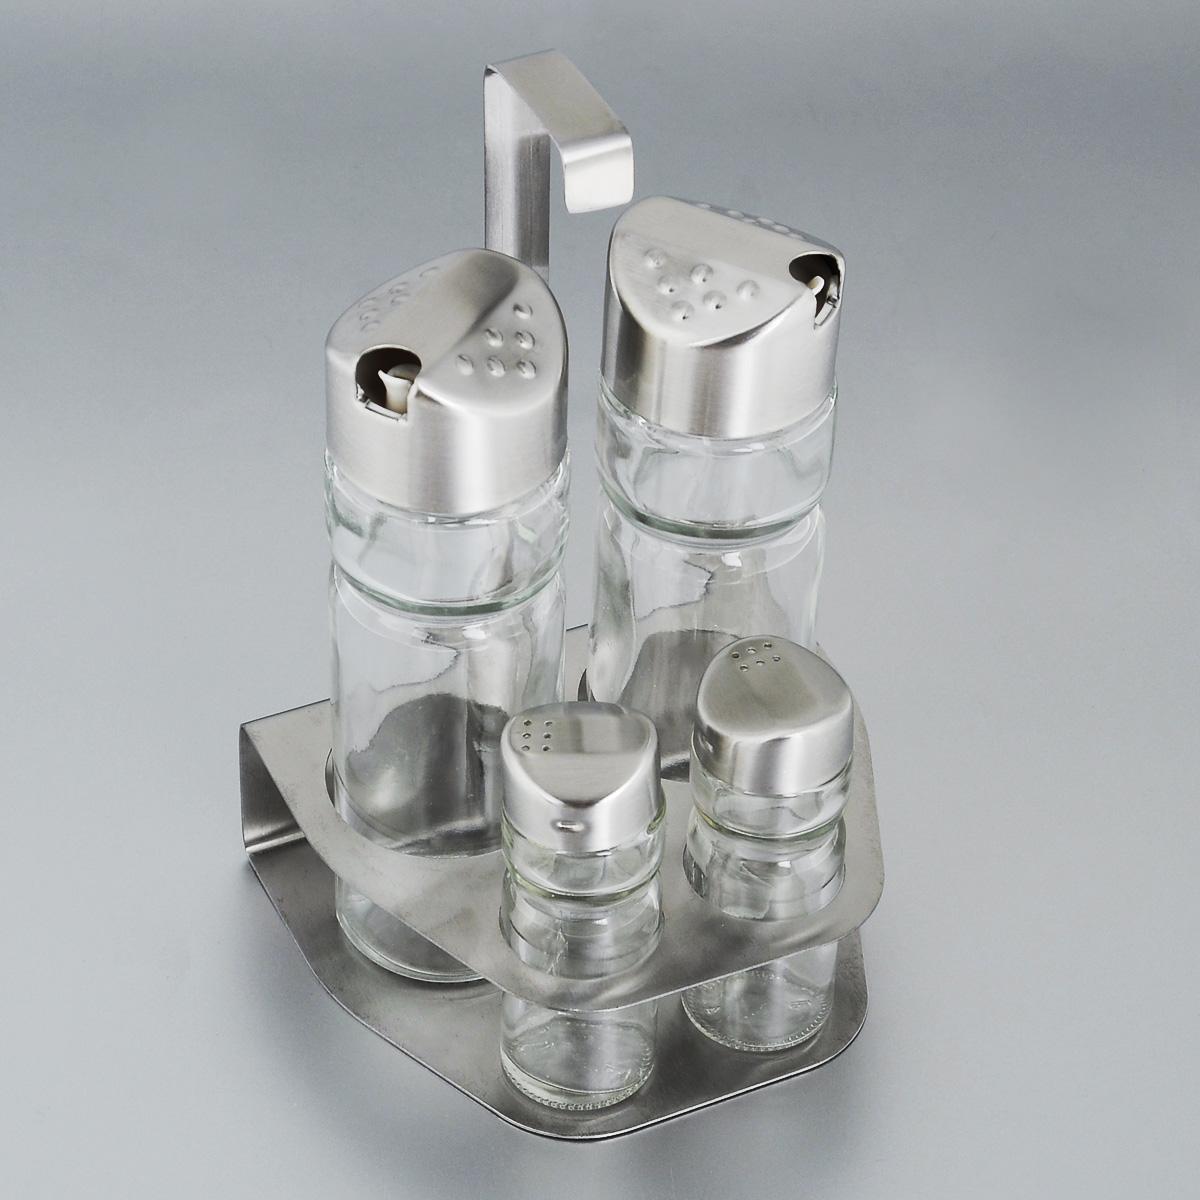 Набор для специй Bekker, 5 предметов. BK-3097BK-3097Набор для специй Bekker состоит из солонки, перечницы, двух дозаторов для масла и уксуса и подставки. Емкости выполнены из стекла и оснащены металлическими крышками. В комплекте имеется подставка из нержавеющей стали с матовой полировкой. Такой набор стильно украсит кухонный стол, а благодаря качеству материалов и высококлассной обработке прослужит долгие годы.Высота солонки/перечницы: 9 см. Диаметр солонки/перечницы: 3 см. Объем дозаторов: 150 мл. Высота дозаторов: 16 см. Диаметр дозаторов: 5 см. Размер подставки (ДхШхВ): 12,5 см х 11 см х 19,5 см. Высота солонки/перечницы: 9 см. Диаметр солонки/перечницы: 3 см. Объем дозаторов: 150 мл. Высота дозаторов: 16 см. Диаметр дозаторов: 5 см. Размер подставки (ДхШхВ): 12,5 см х 11 см х 19,5 см.